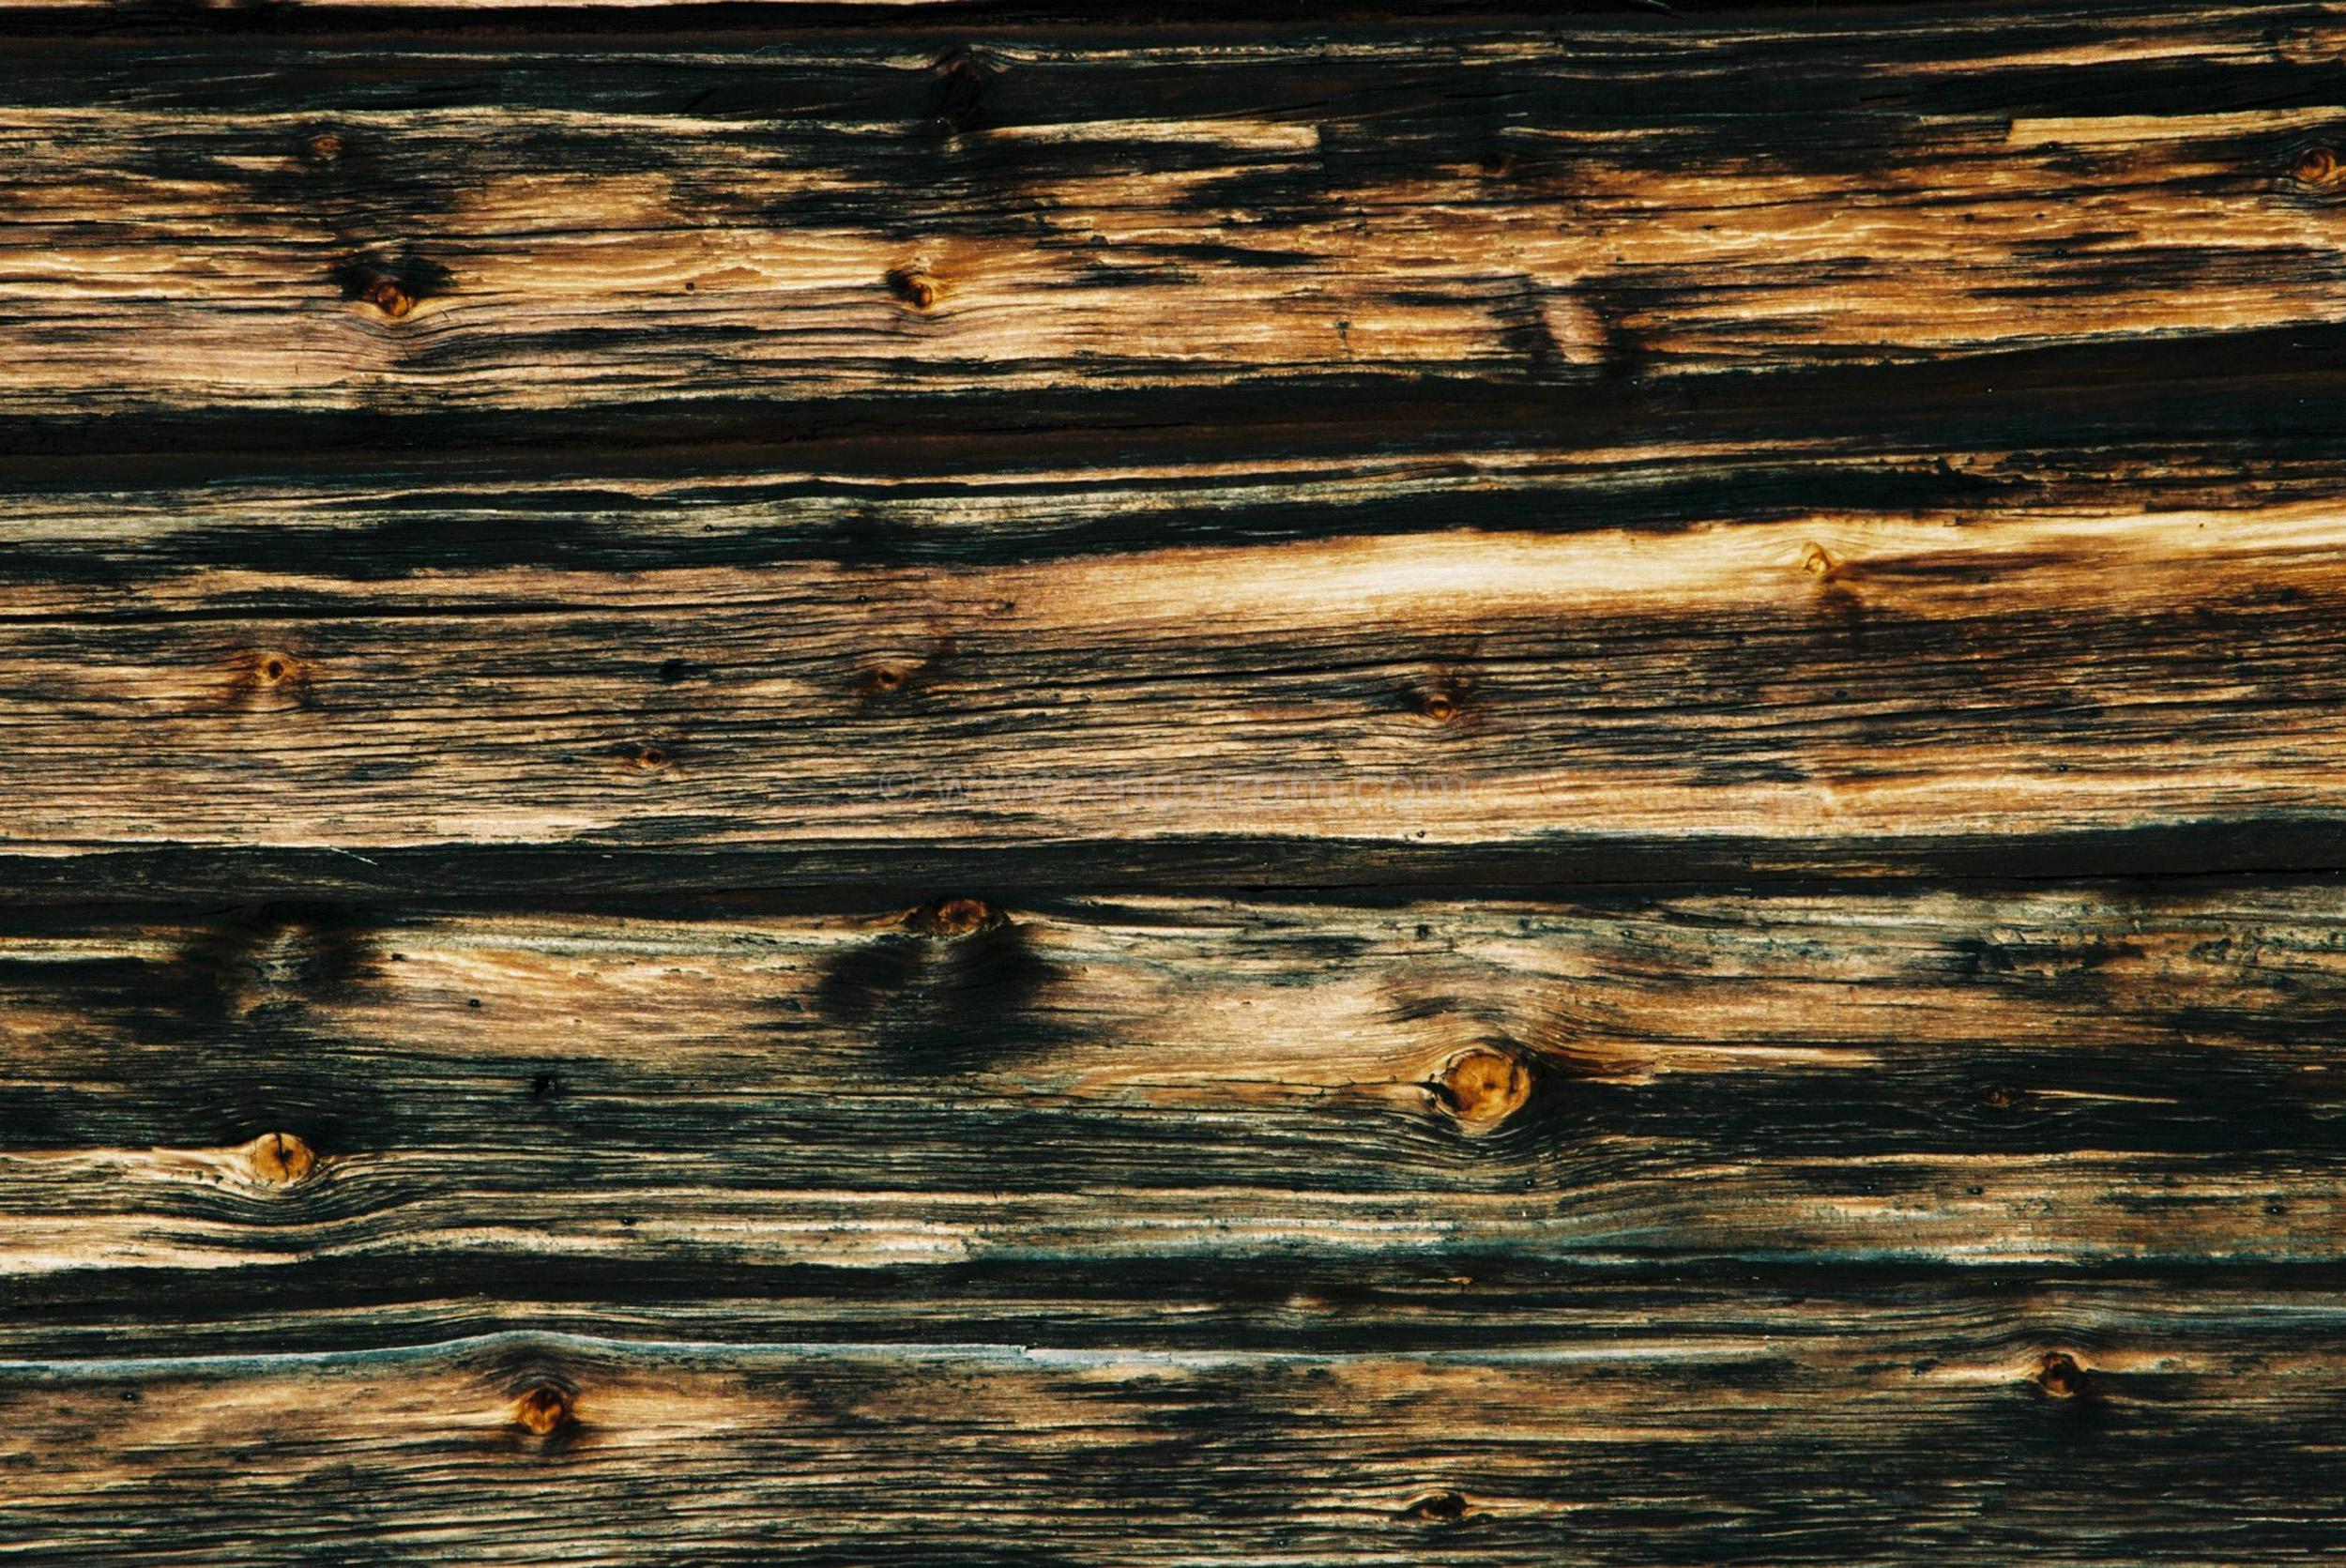 JE0400_062, Solbränt timmerhus. Ranvall vintern 2004, Jonas Engström